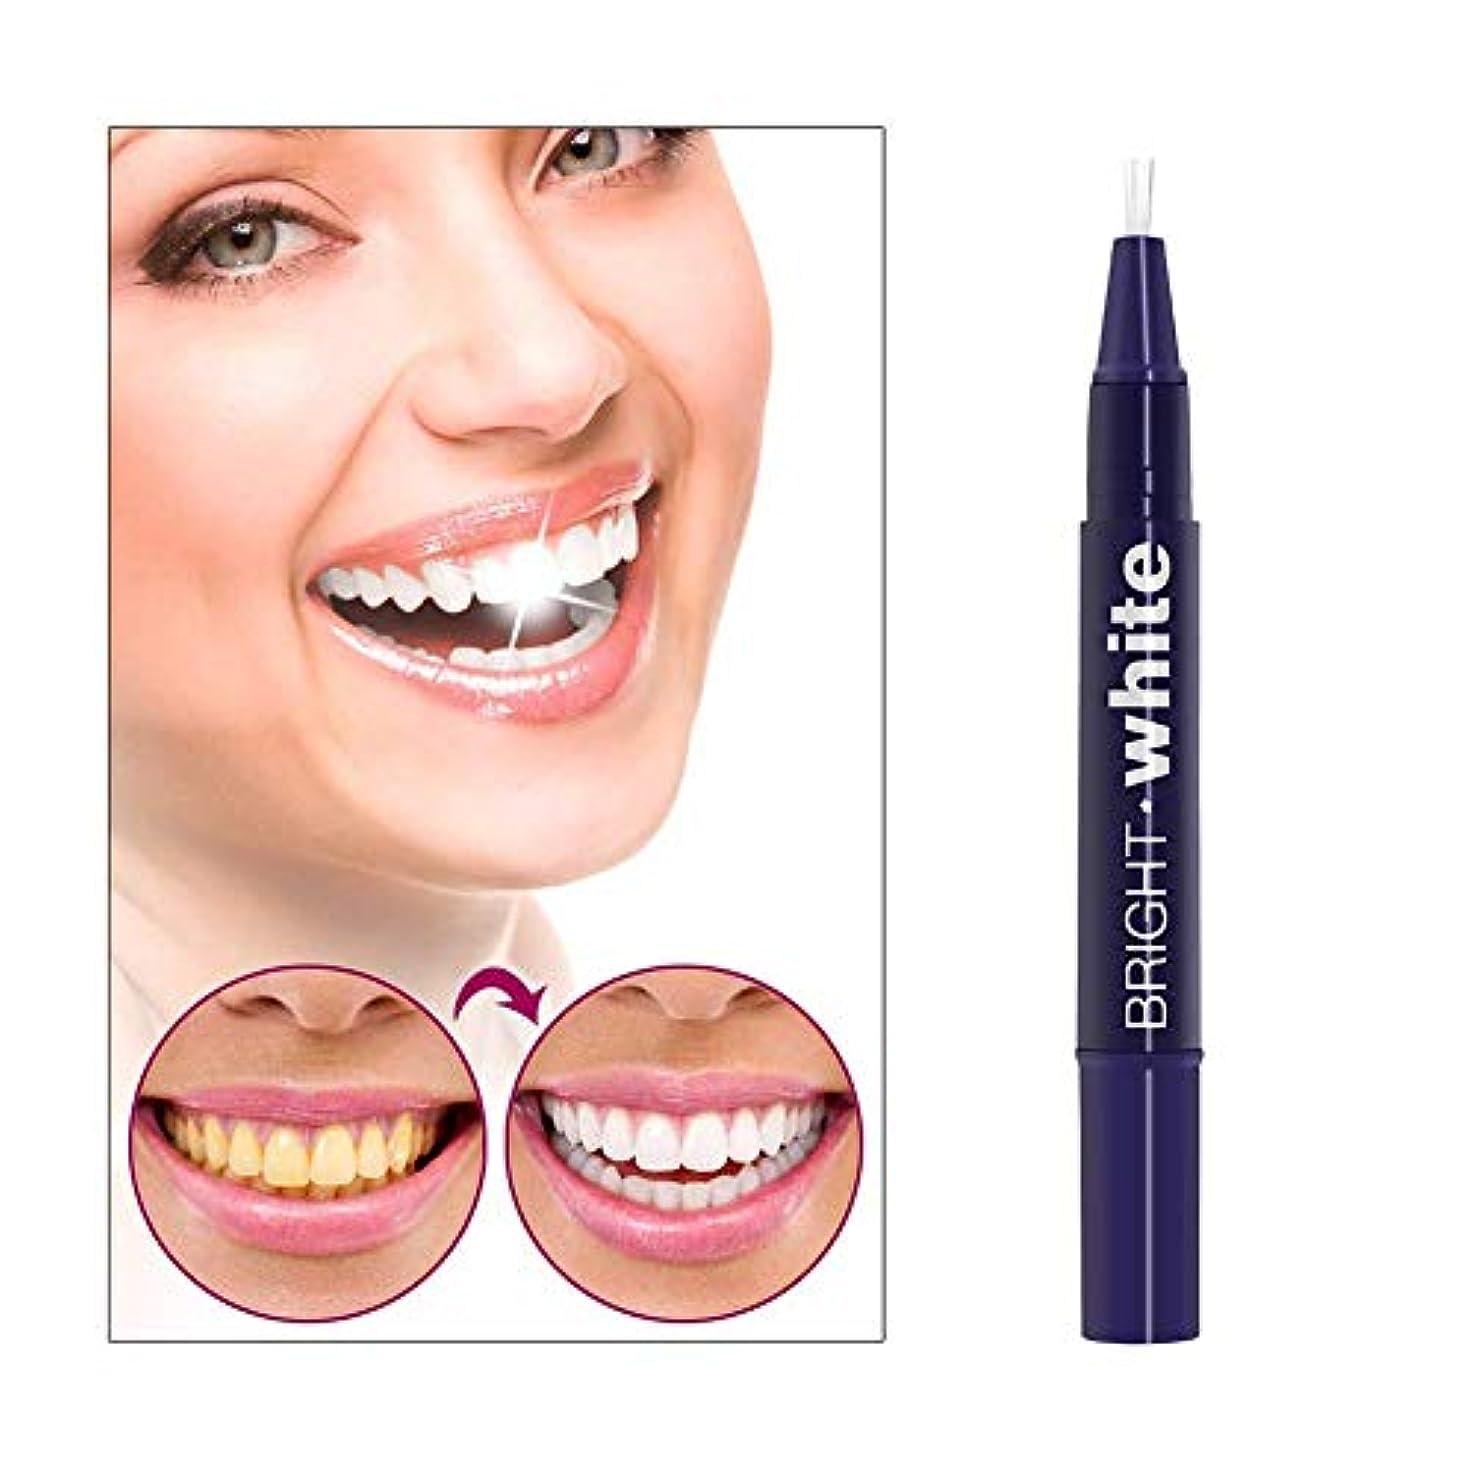 ギャンブルチロ強化するMilent 歯 ホワイトニングペン 歯ブラシ 歯を白くするペン 美白歯ゲル ステイン消し 輝く笑顔 口臭防止 歯周病防止 携帯便利 1本 (1pcs)2.5ml